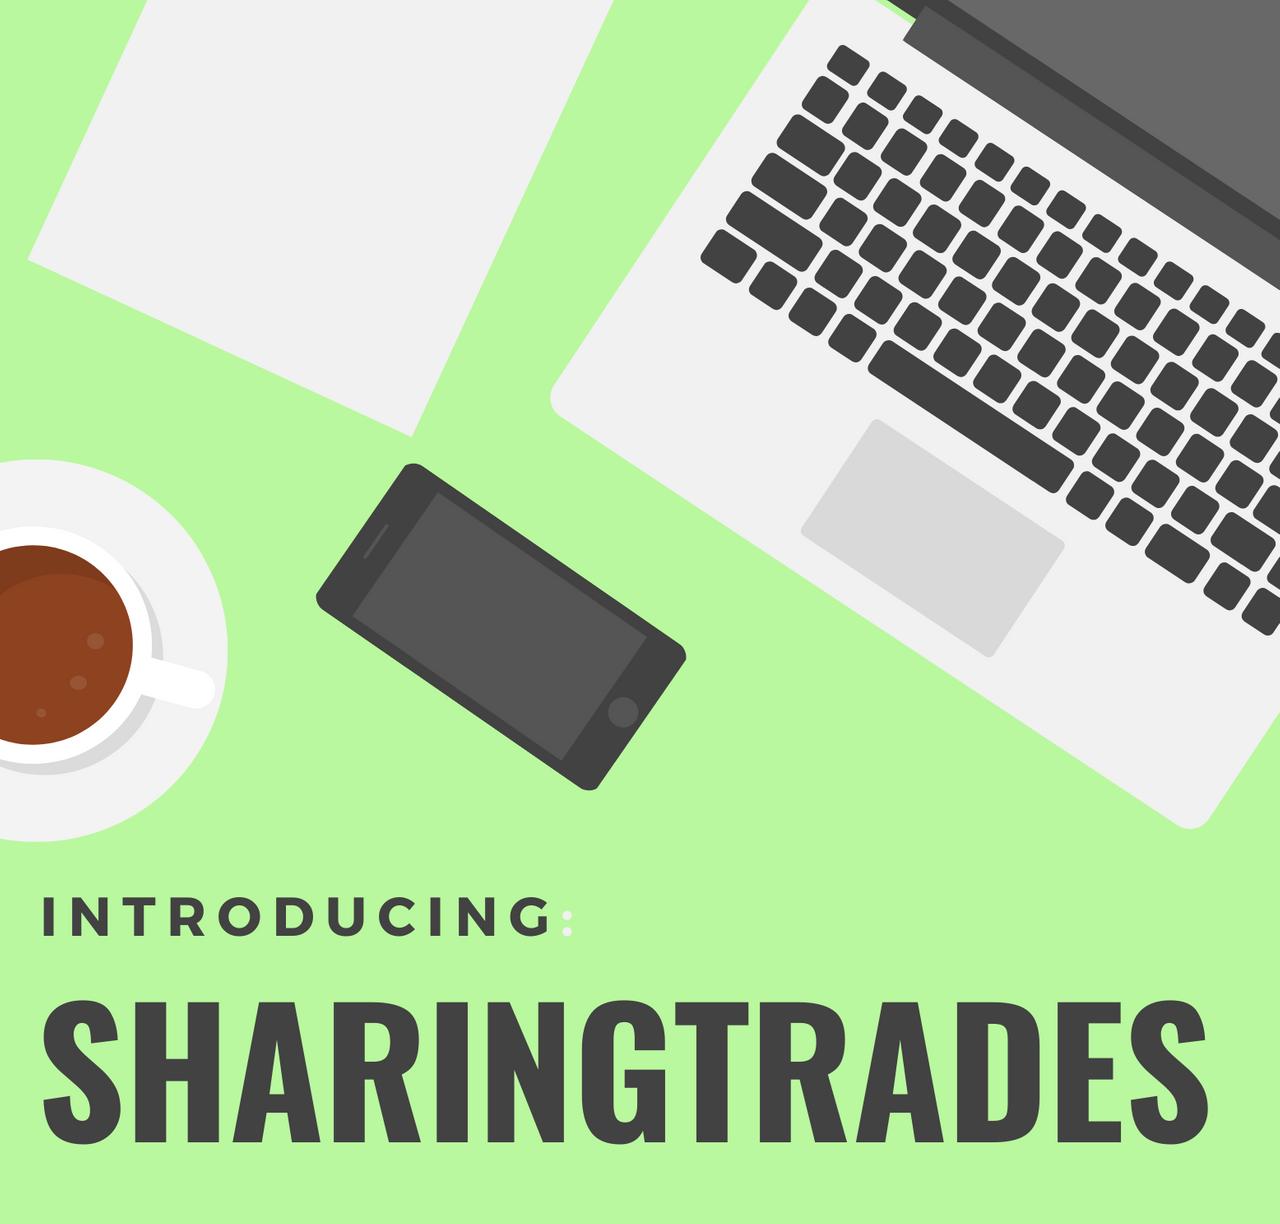 sharingtrades intro.png